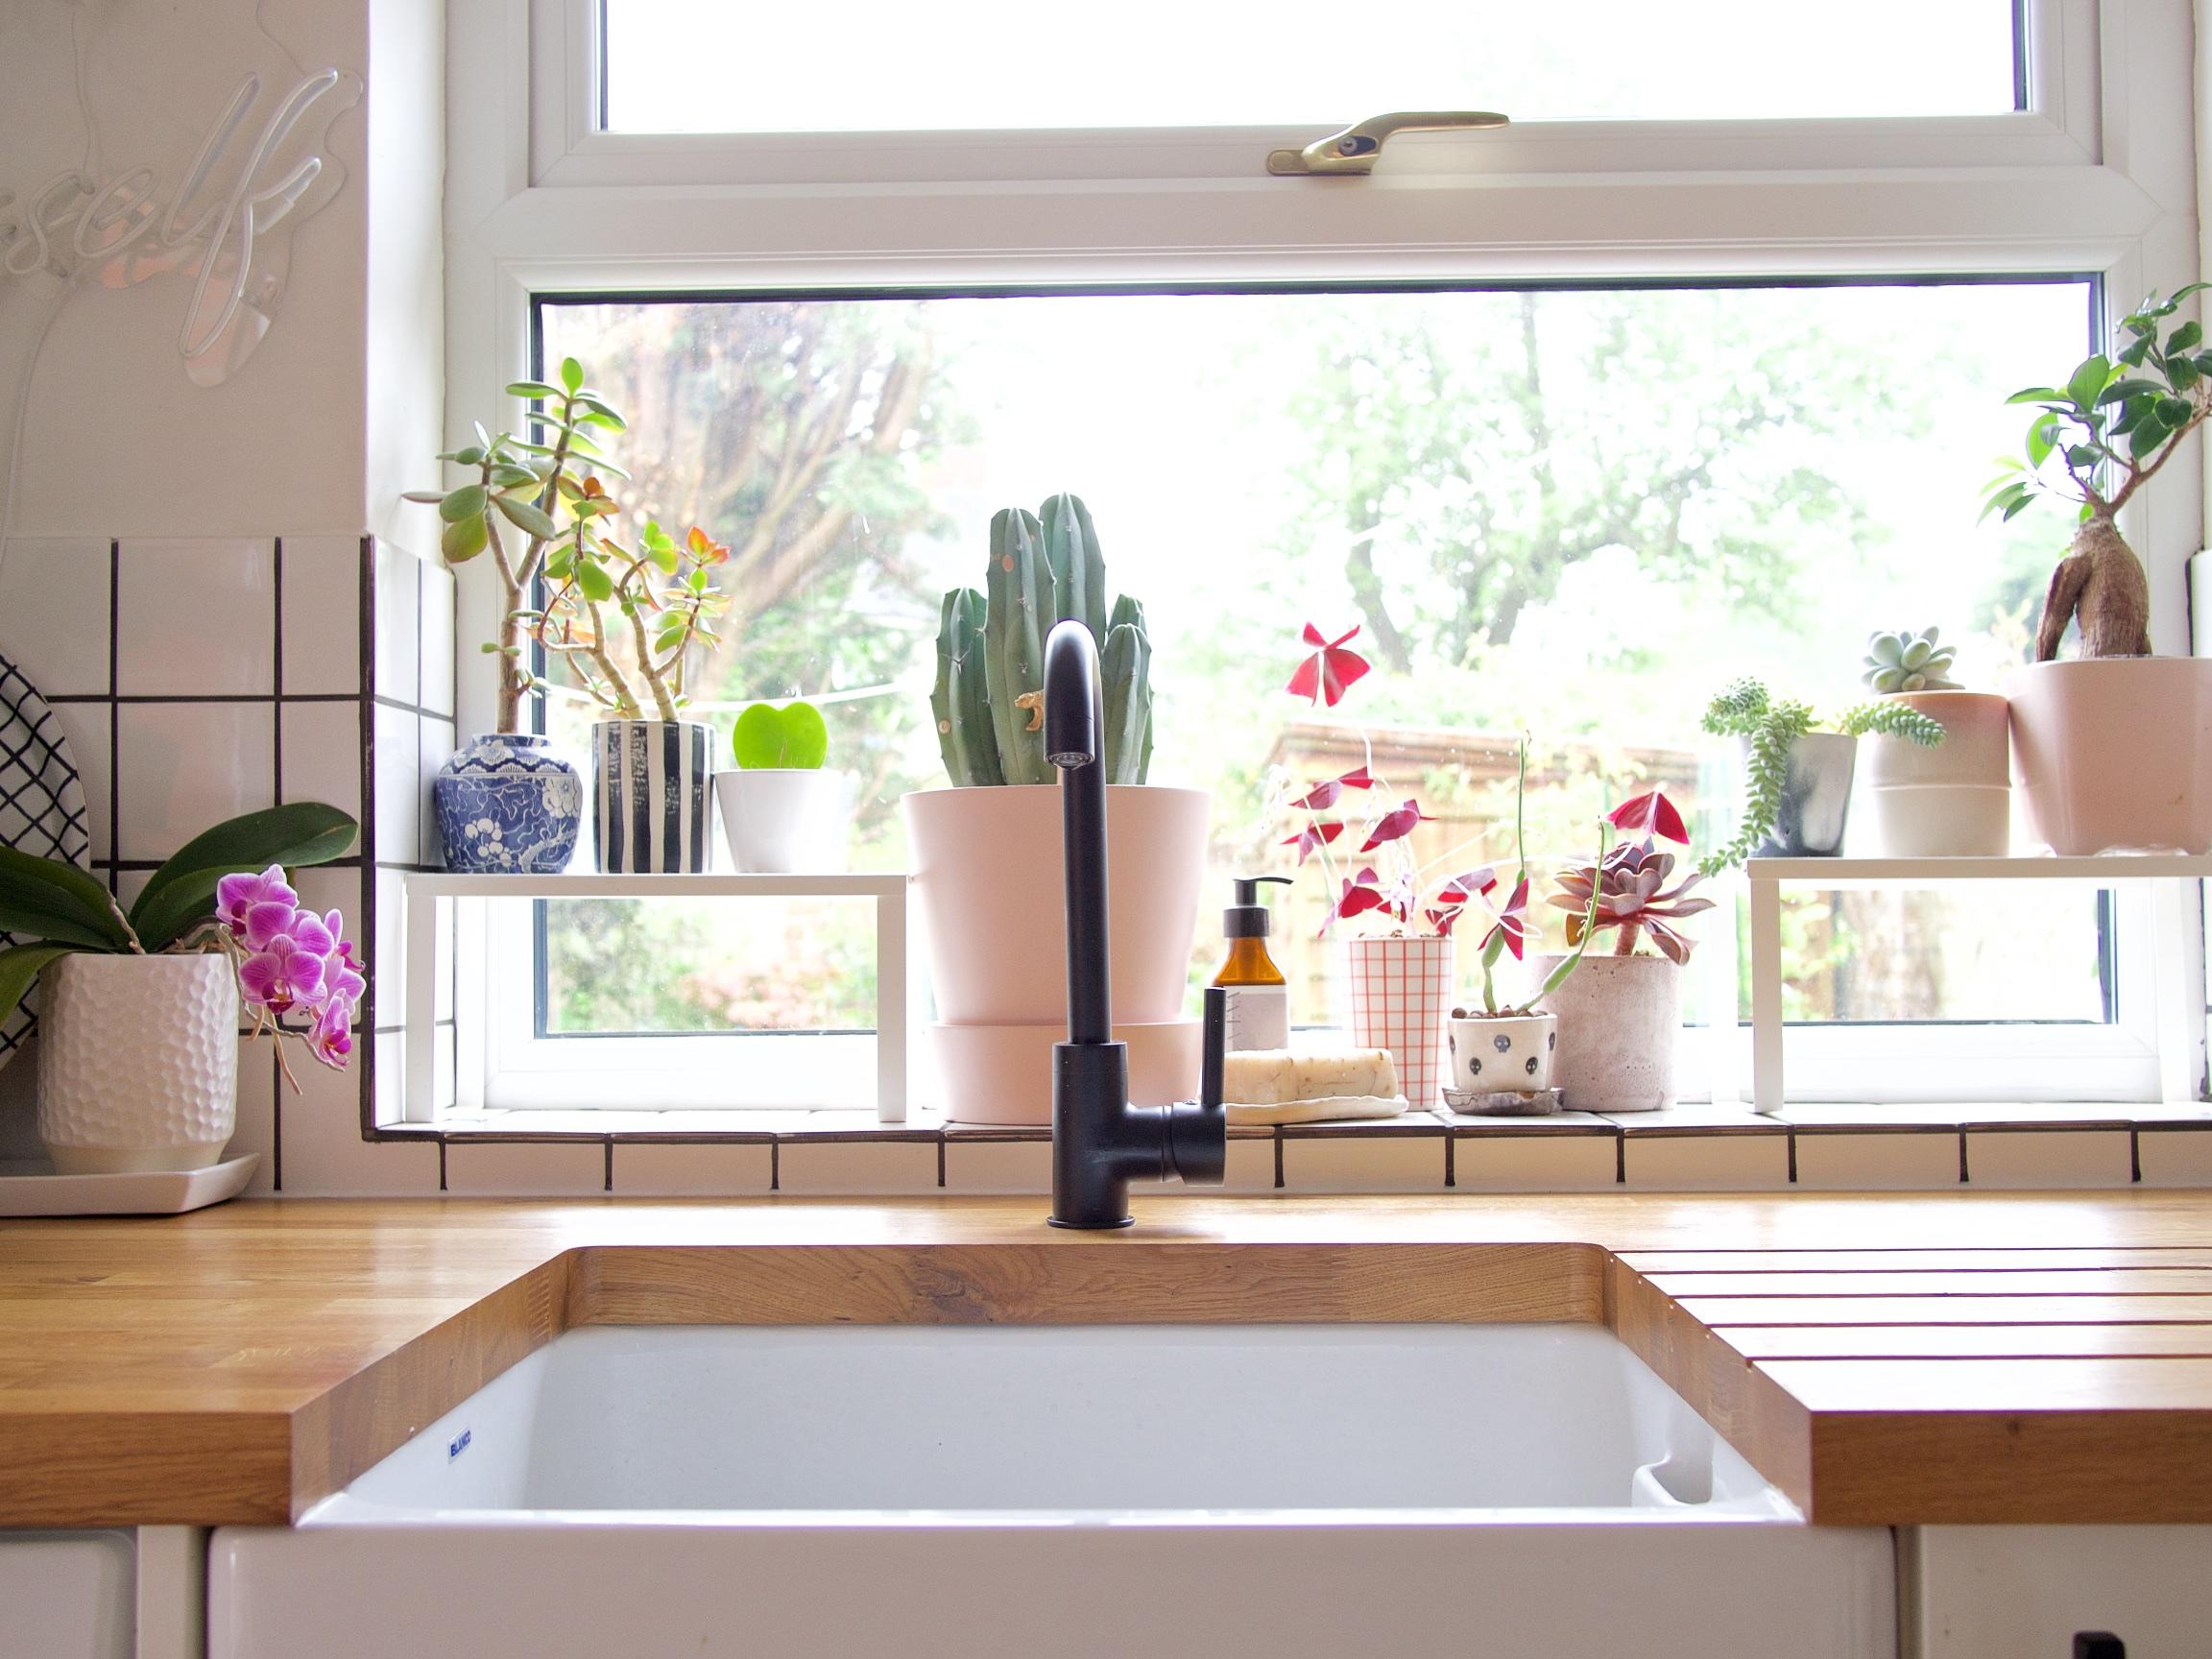 New kitchen 4.jpg